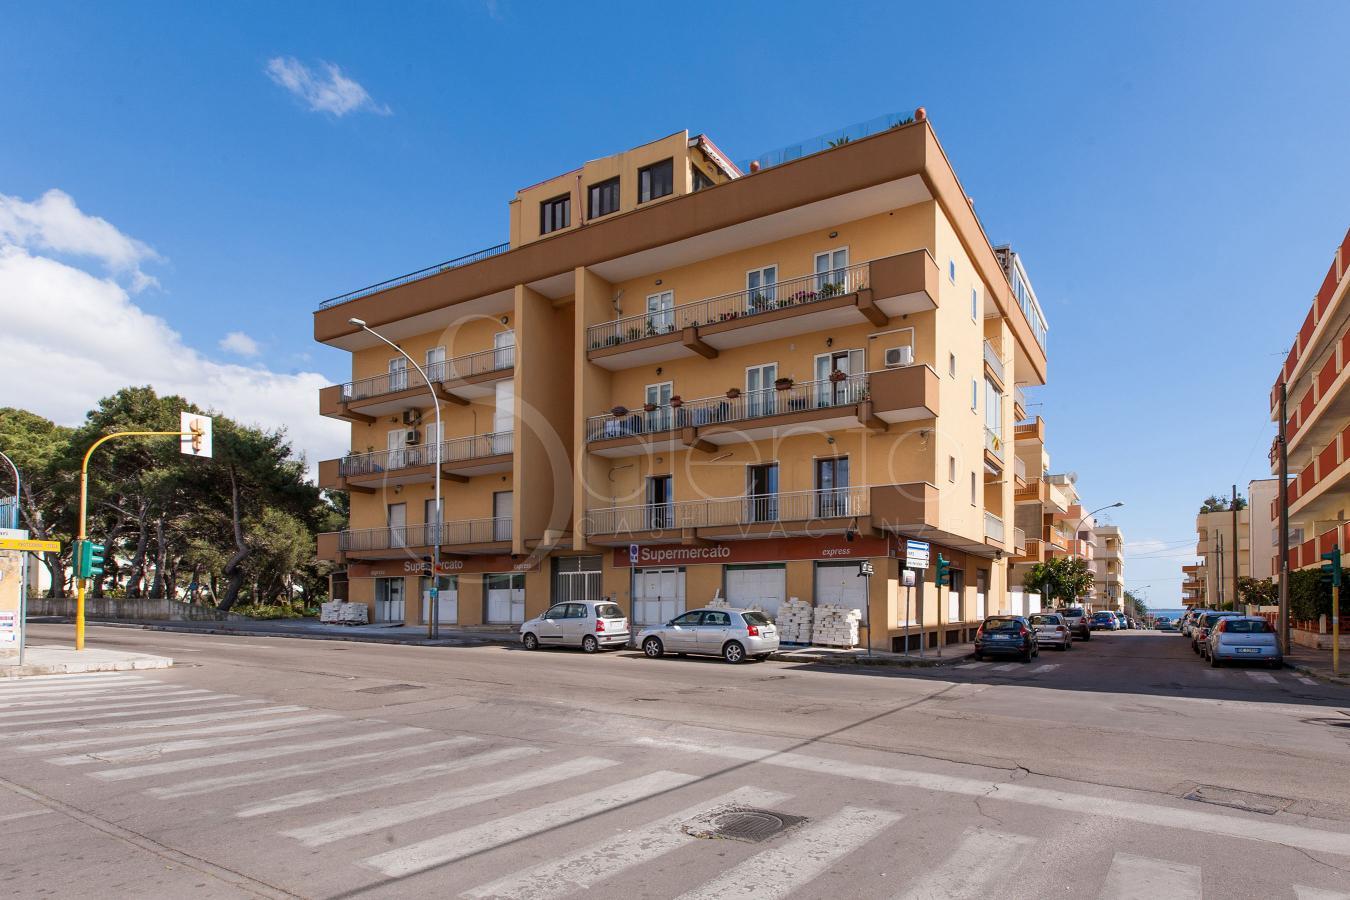 case vacanze - Gallipoli - Appartamento Corso Italia